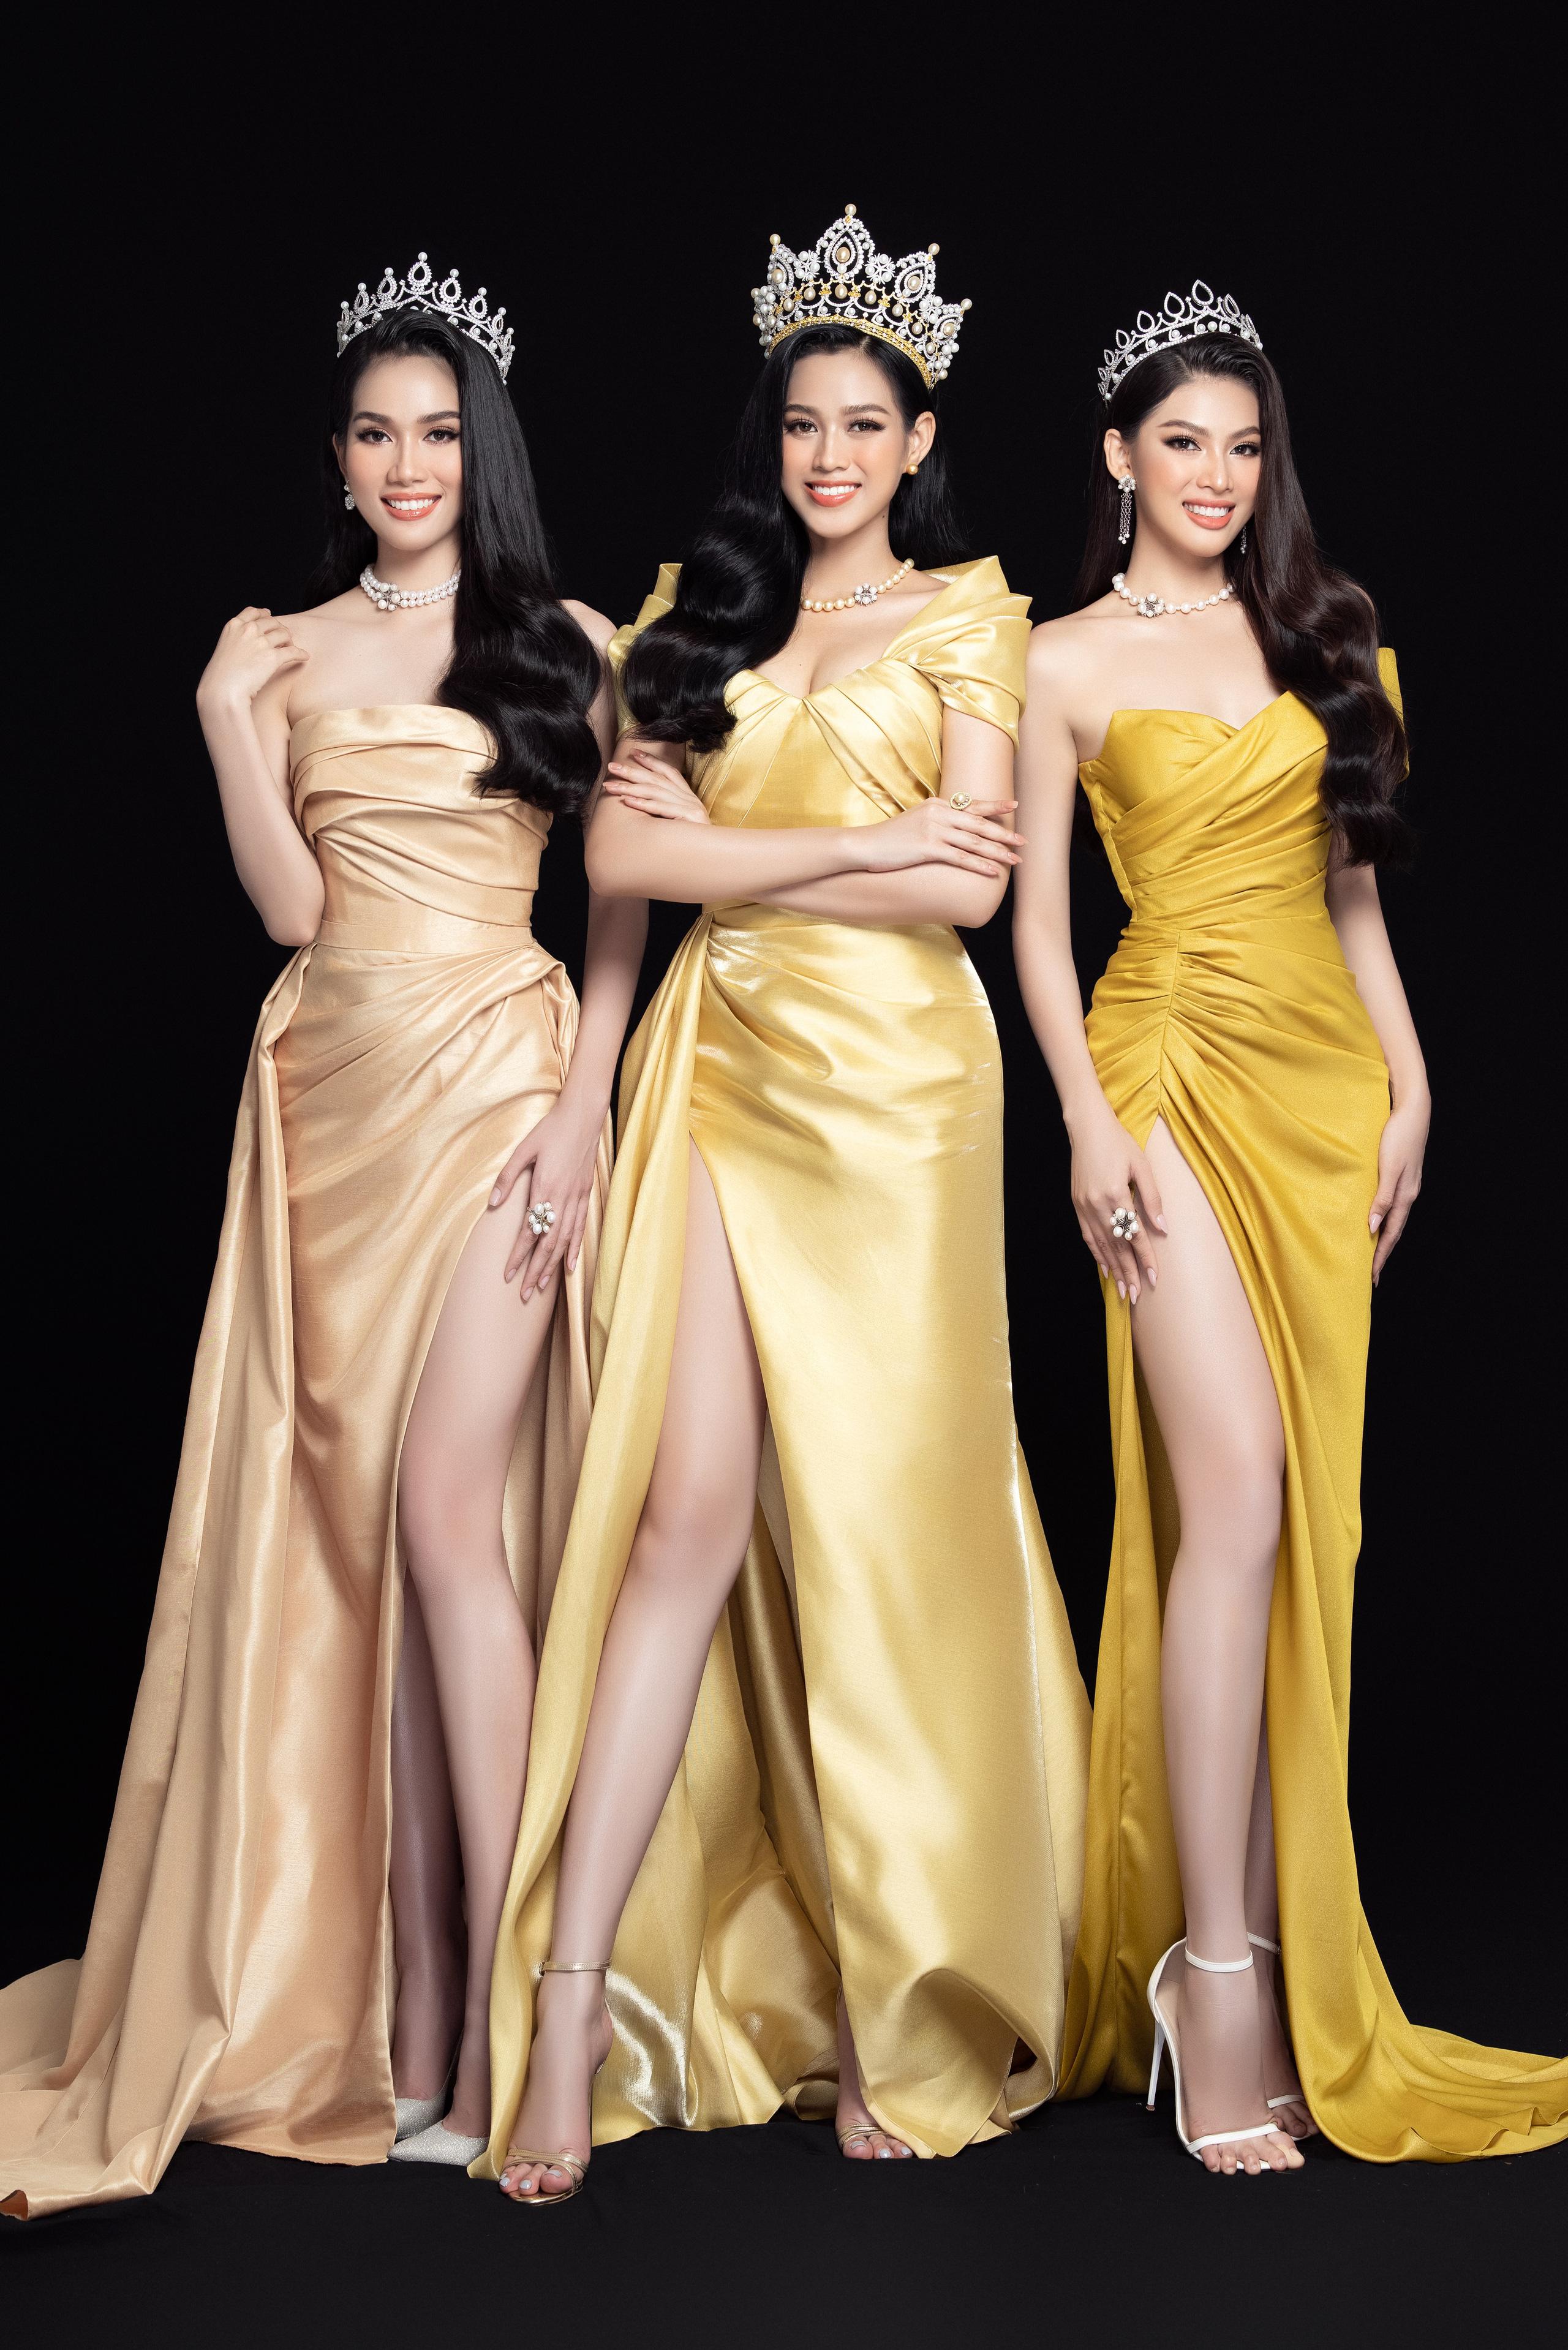 Soi nhan sắc Hoa hậu Đỗ Thị Hà và 2 Á hậu sau một tháng đăng quang - Ảnh 1.